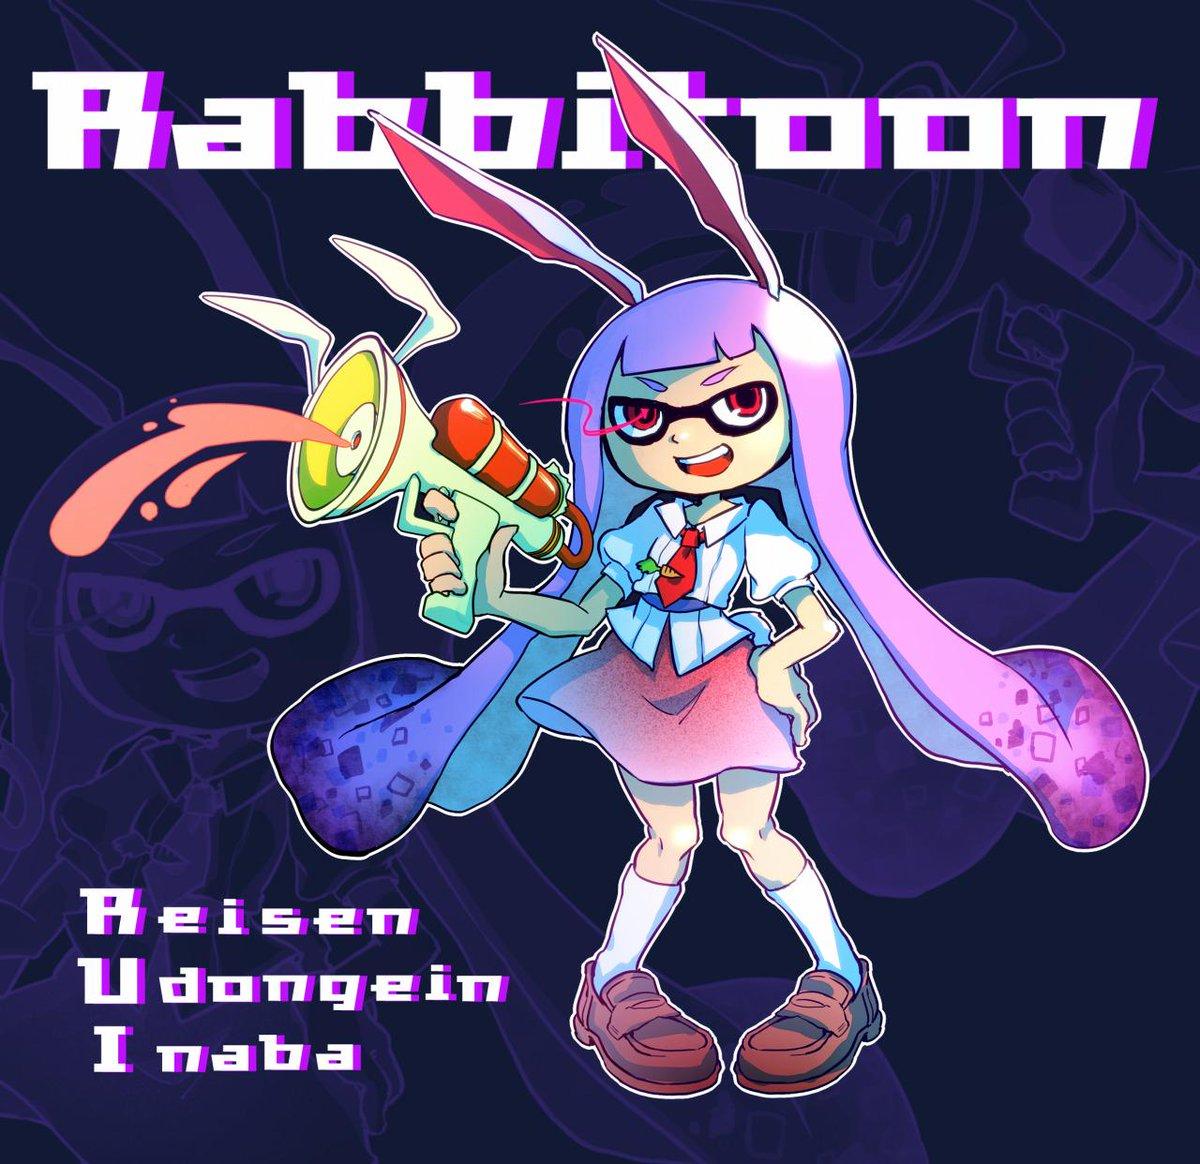 Rabbitoon!!!!!!!!!!!!!!!!!!!!!!!!!!!!!! http://t.co/bNIJ0U0fbg